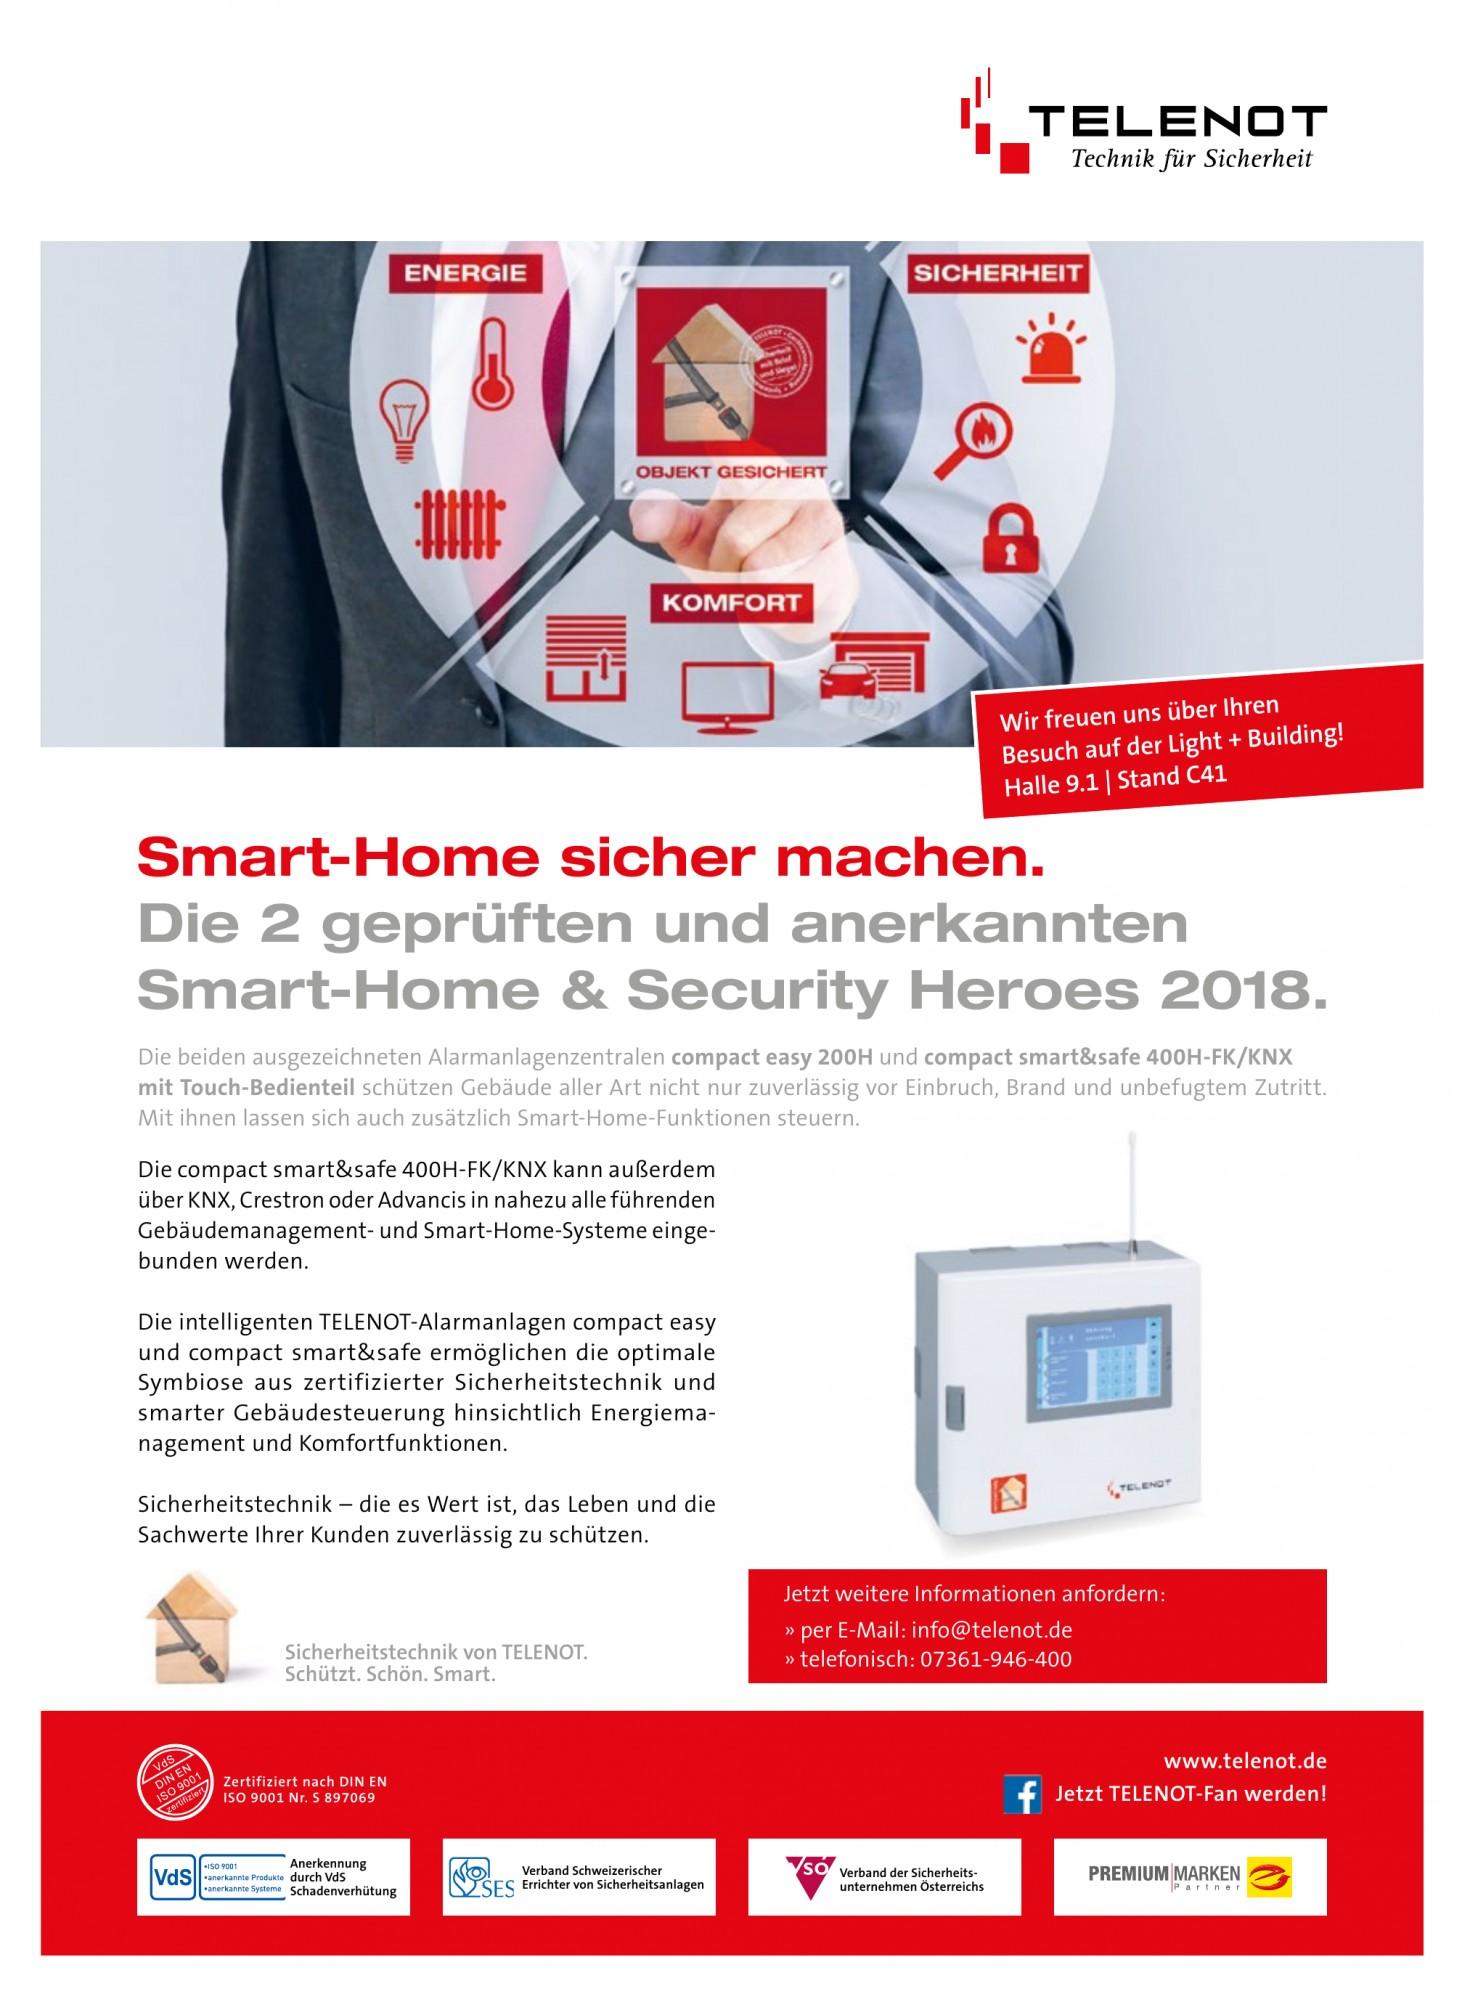 TELENOT Technik für Sicherheit